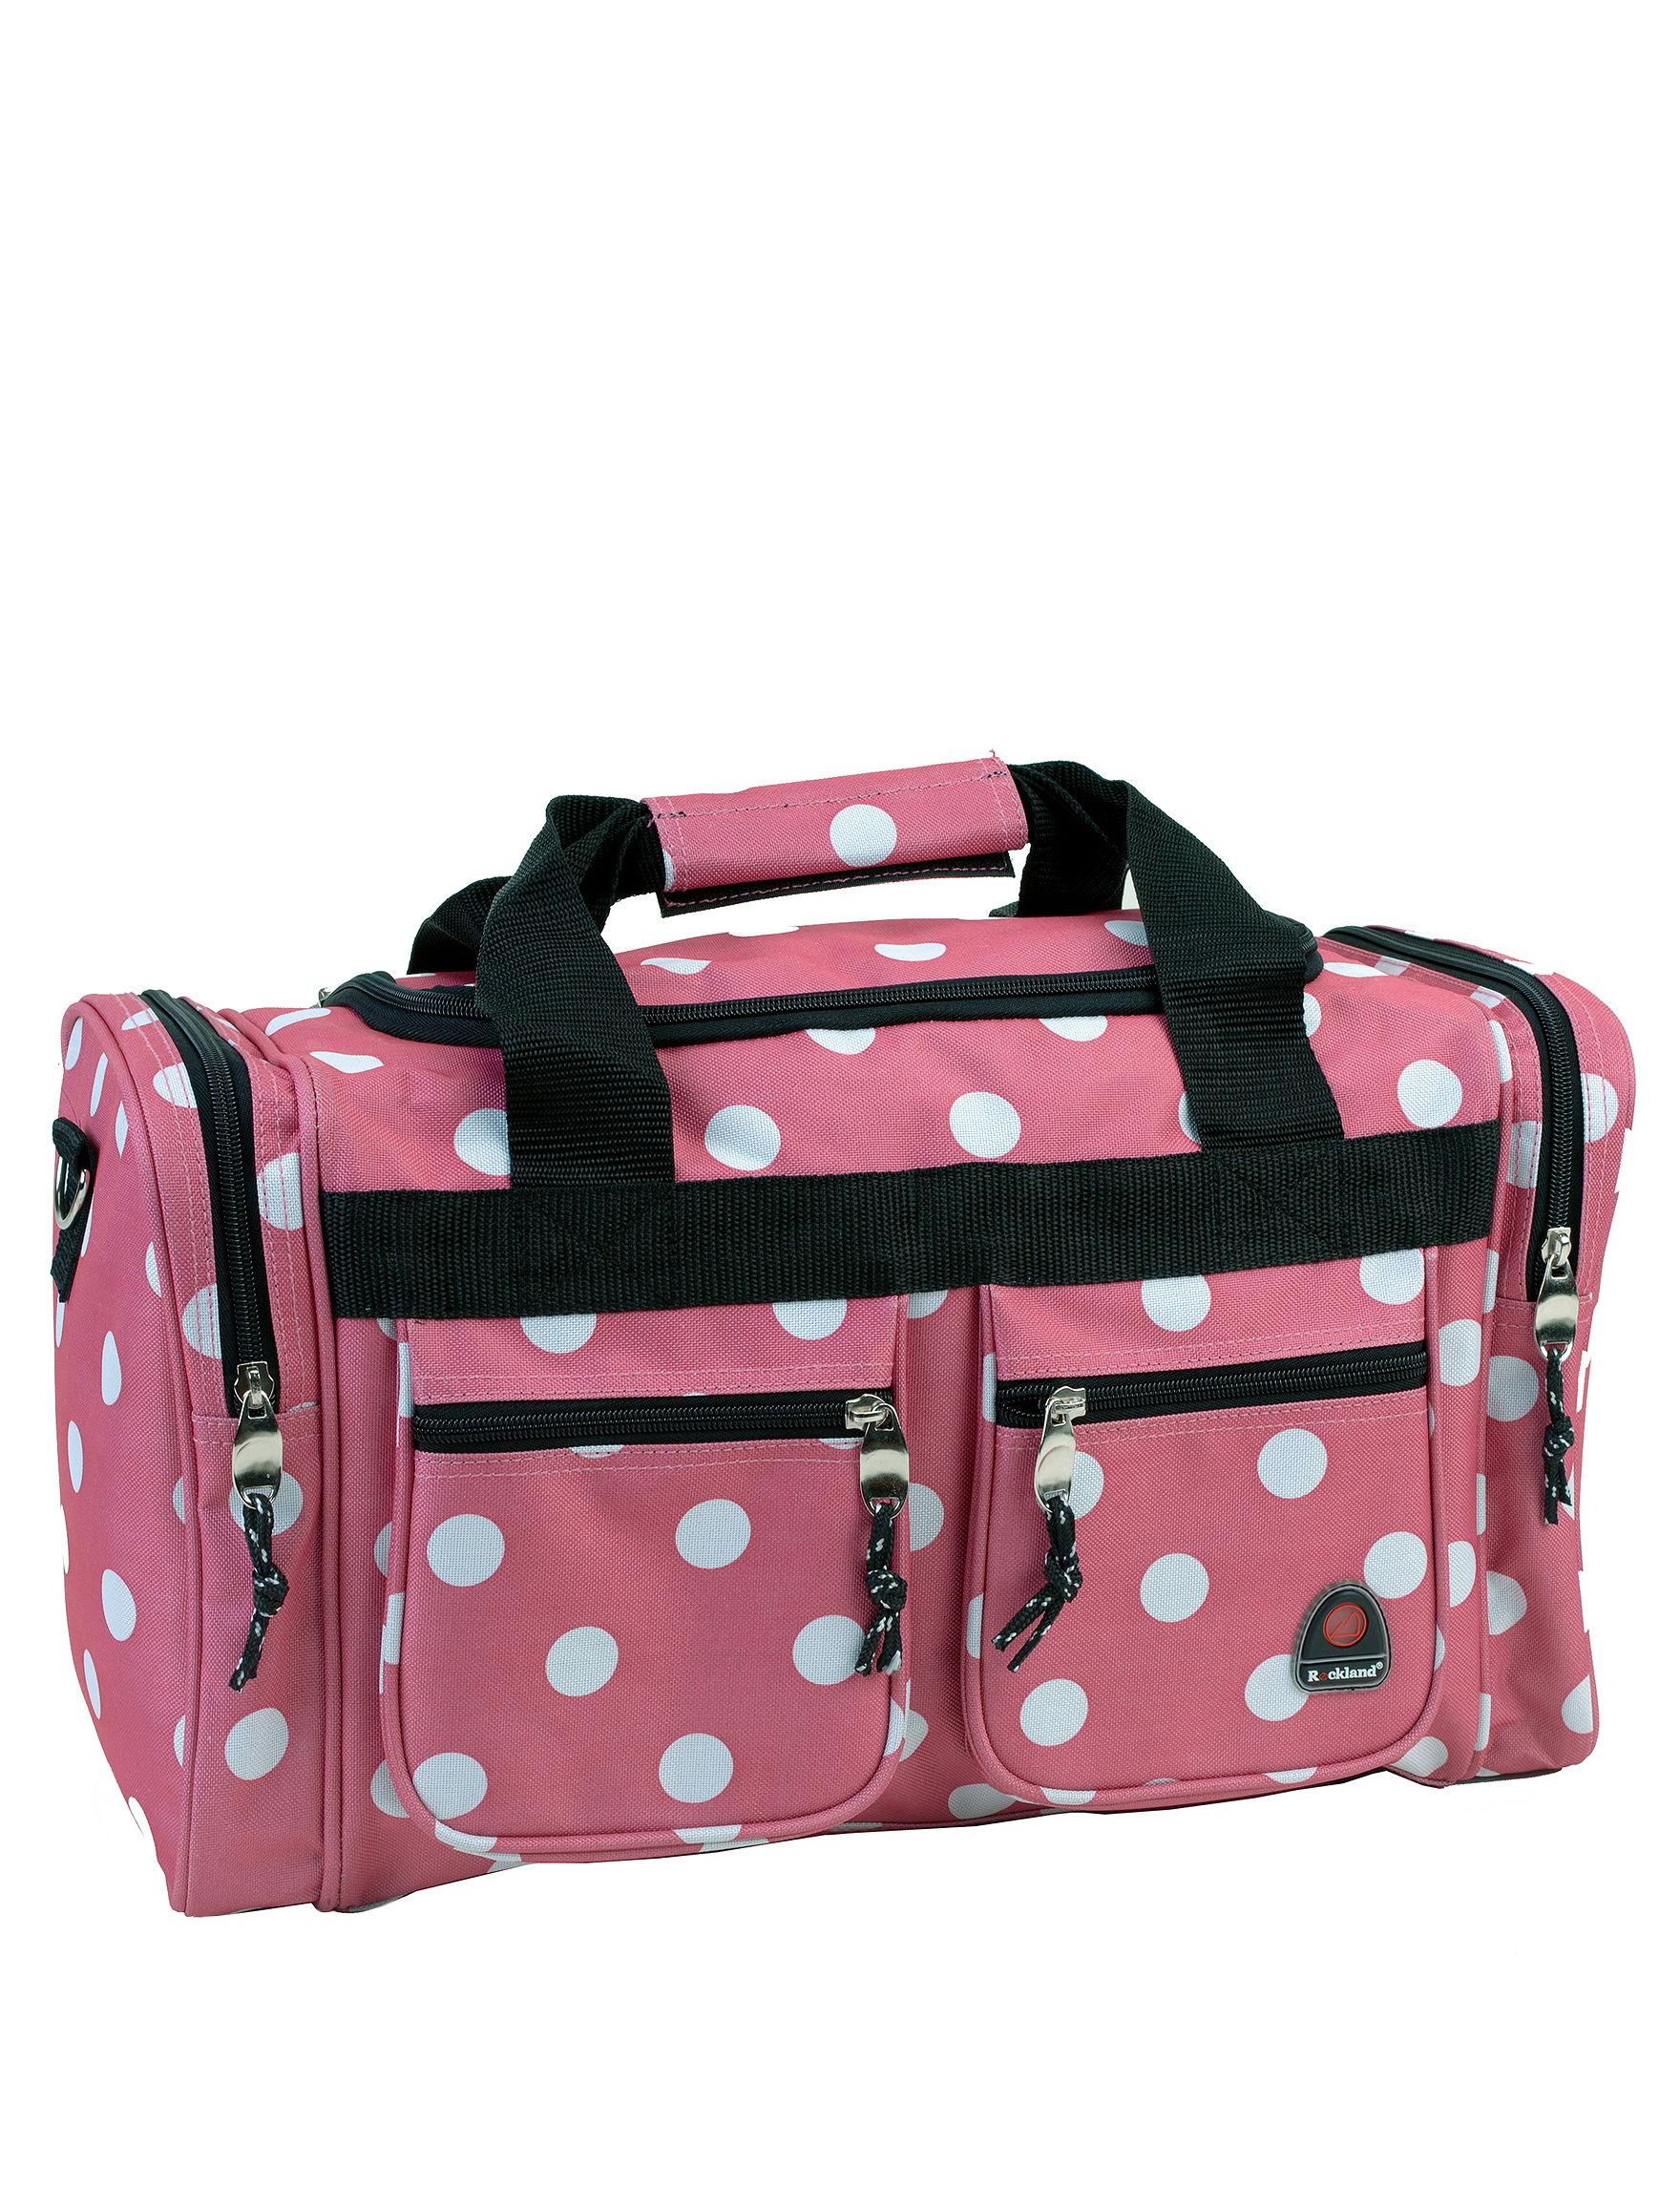 Rockland Pink Weekend Bags